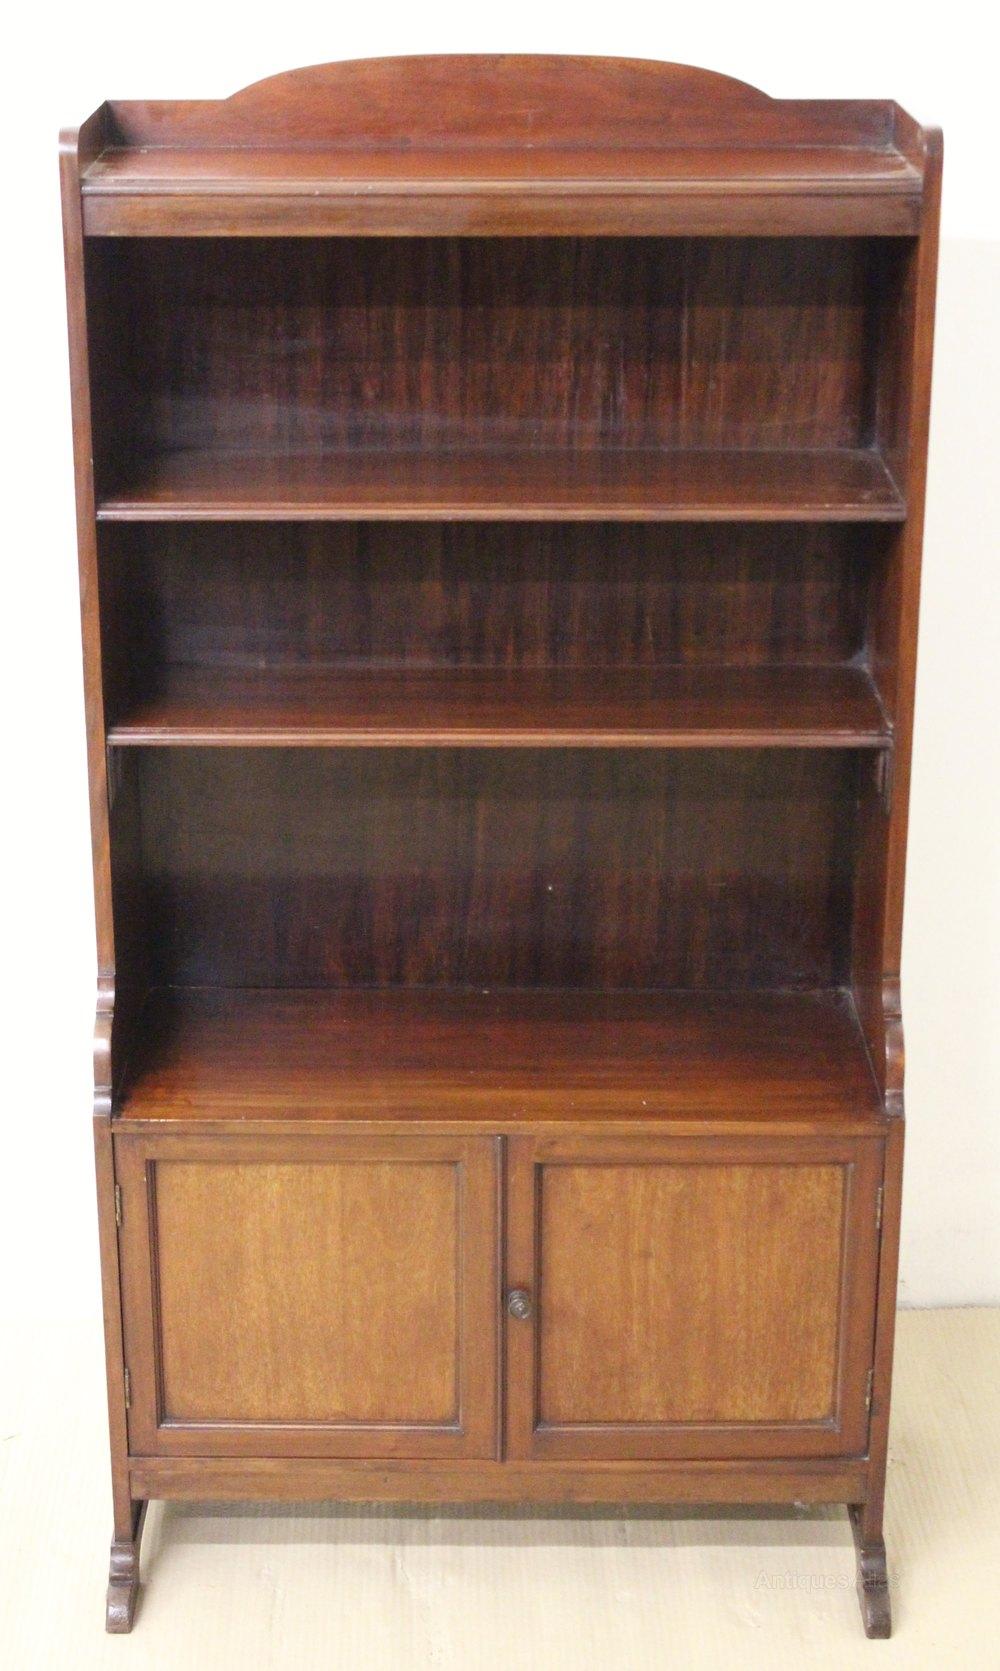 Mahogany Open Bookcase - Antiques Atlas